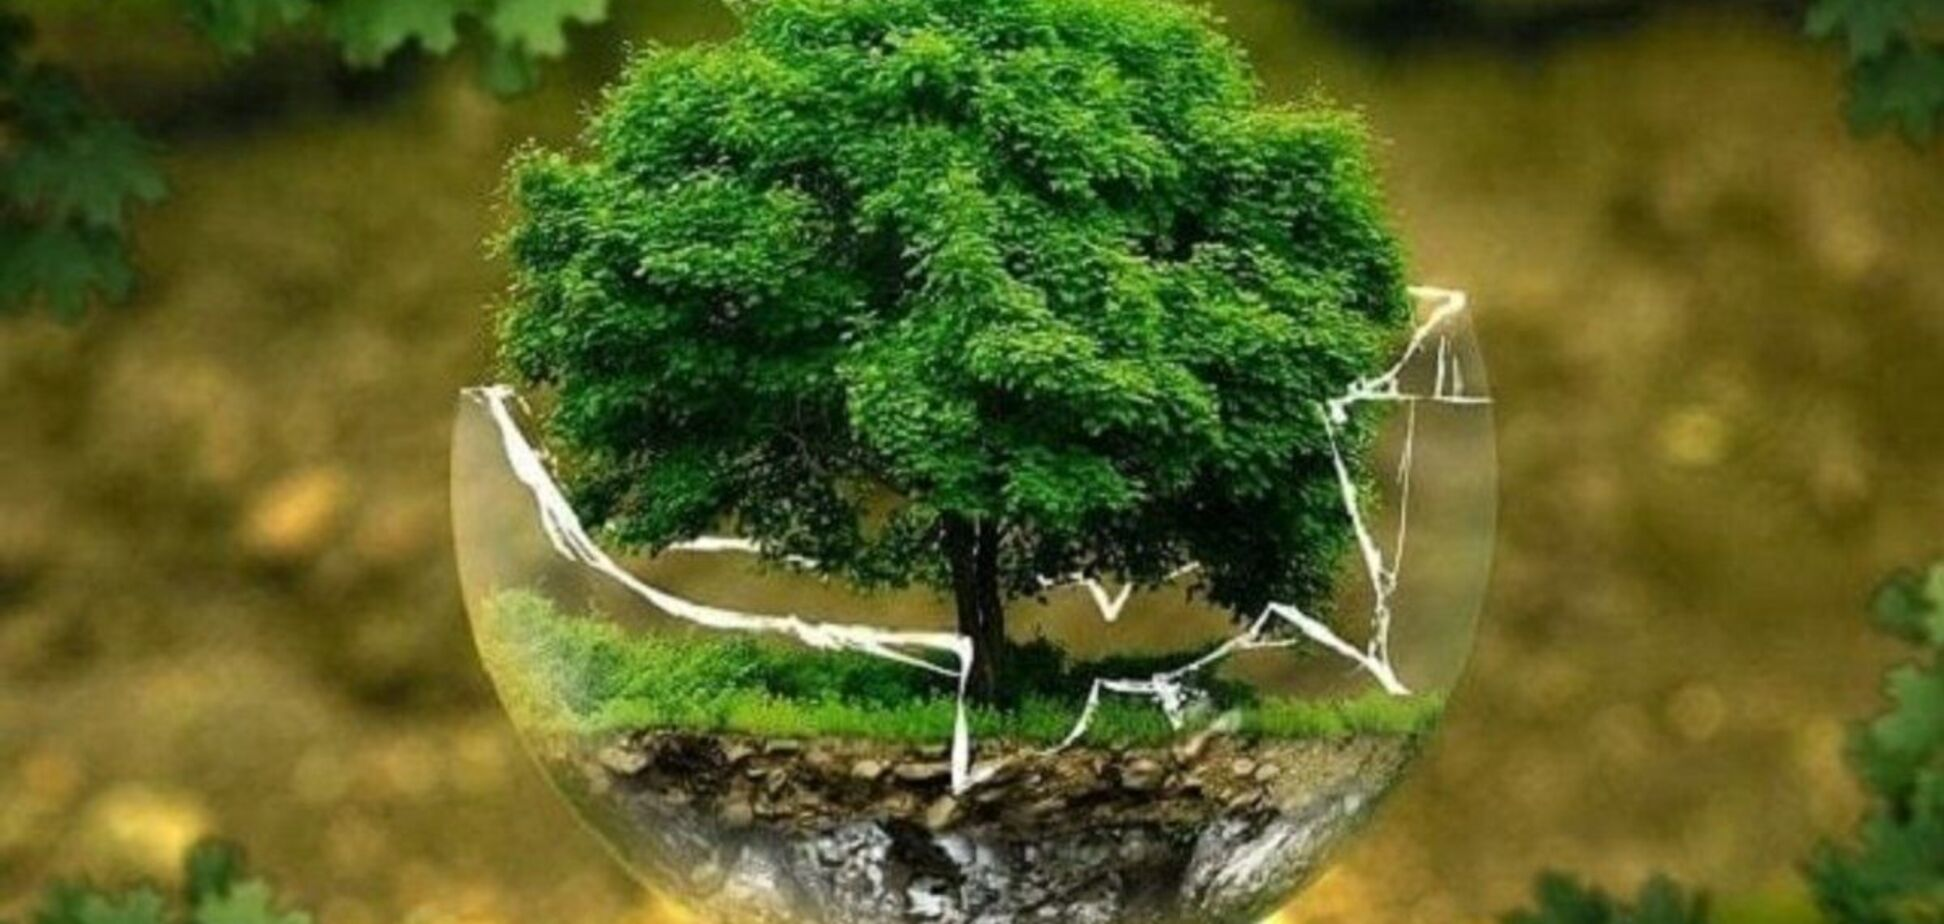 Законопроект об экоконтроле создает значительные коррупционные риски, – Укрцемент